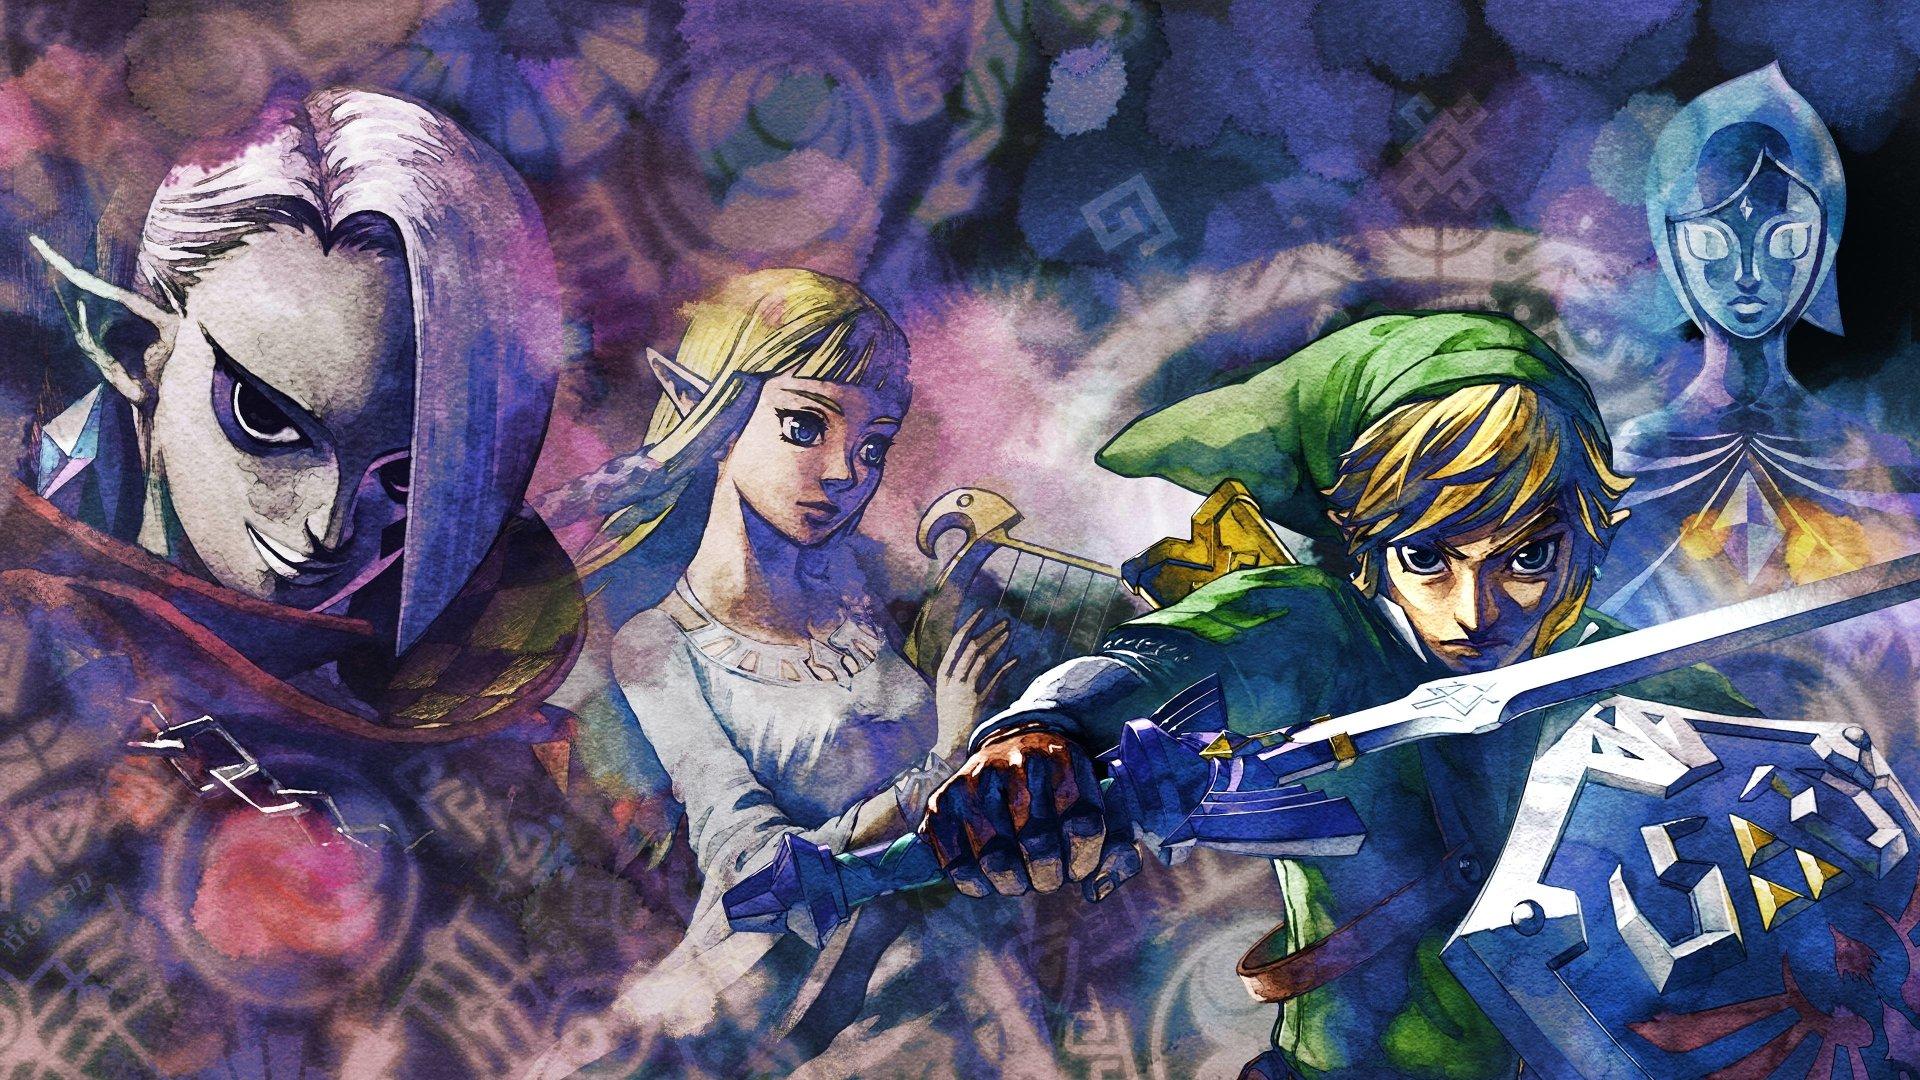 37 The Legend Of Zelda Skyward Sword Hd Wallpapers Background